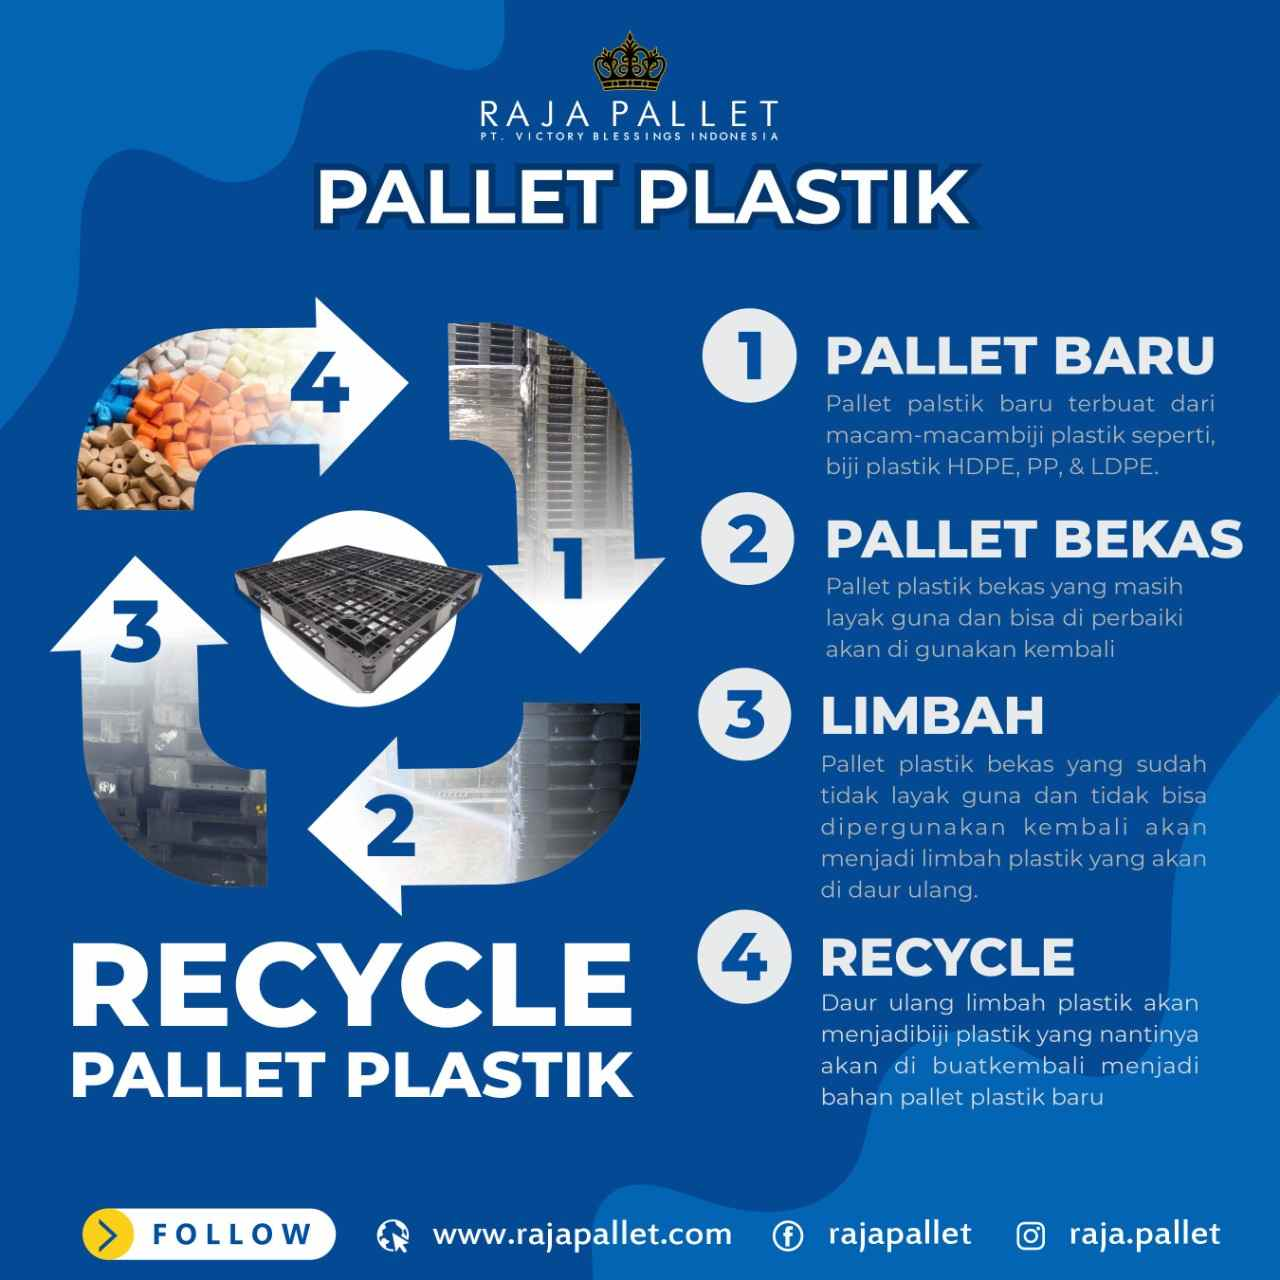 Manfaat Teknologi Daur Ulang Plastik untuk Lingkungan